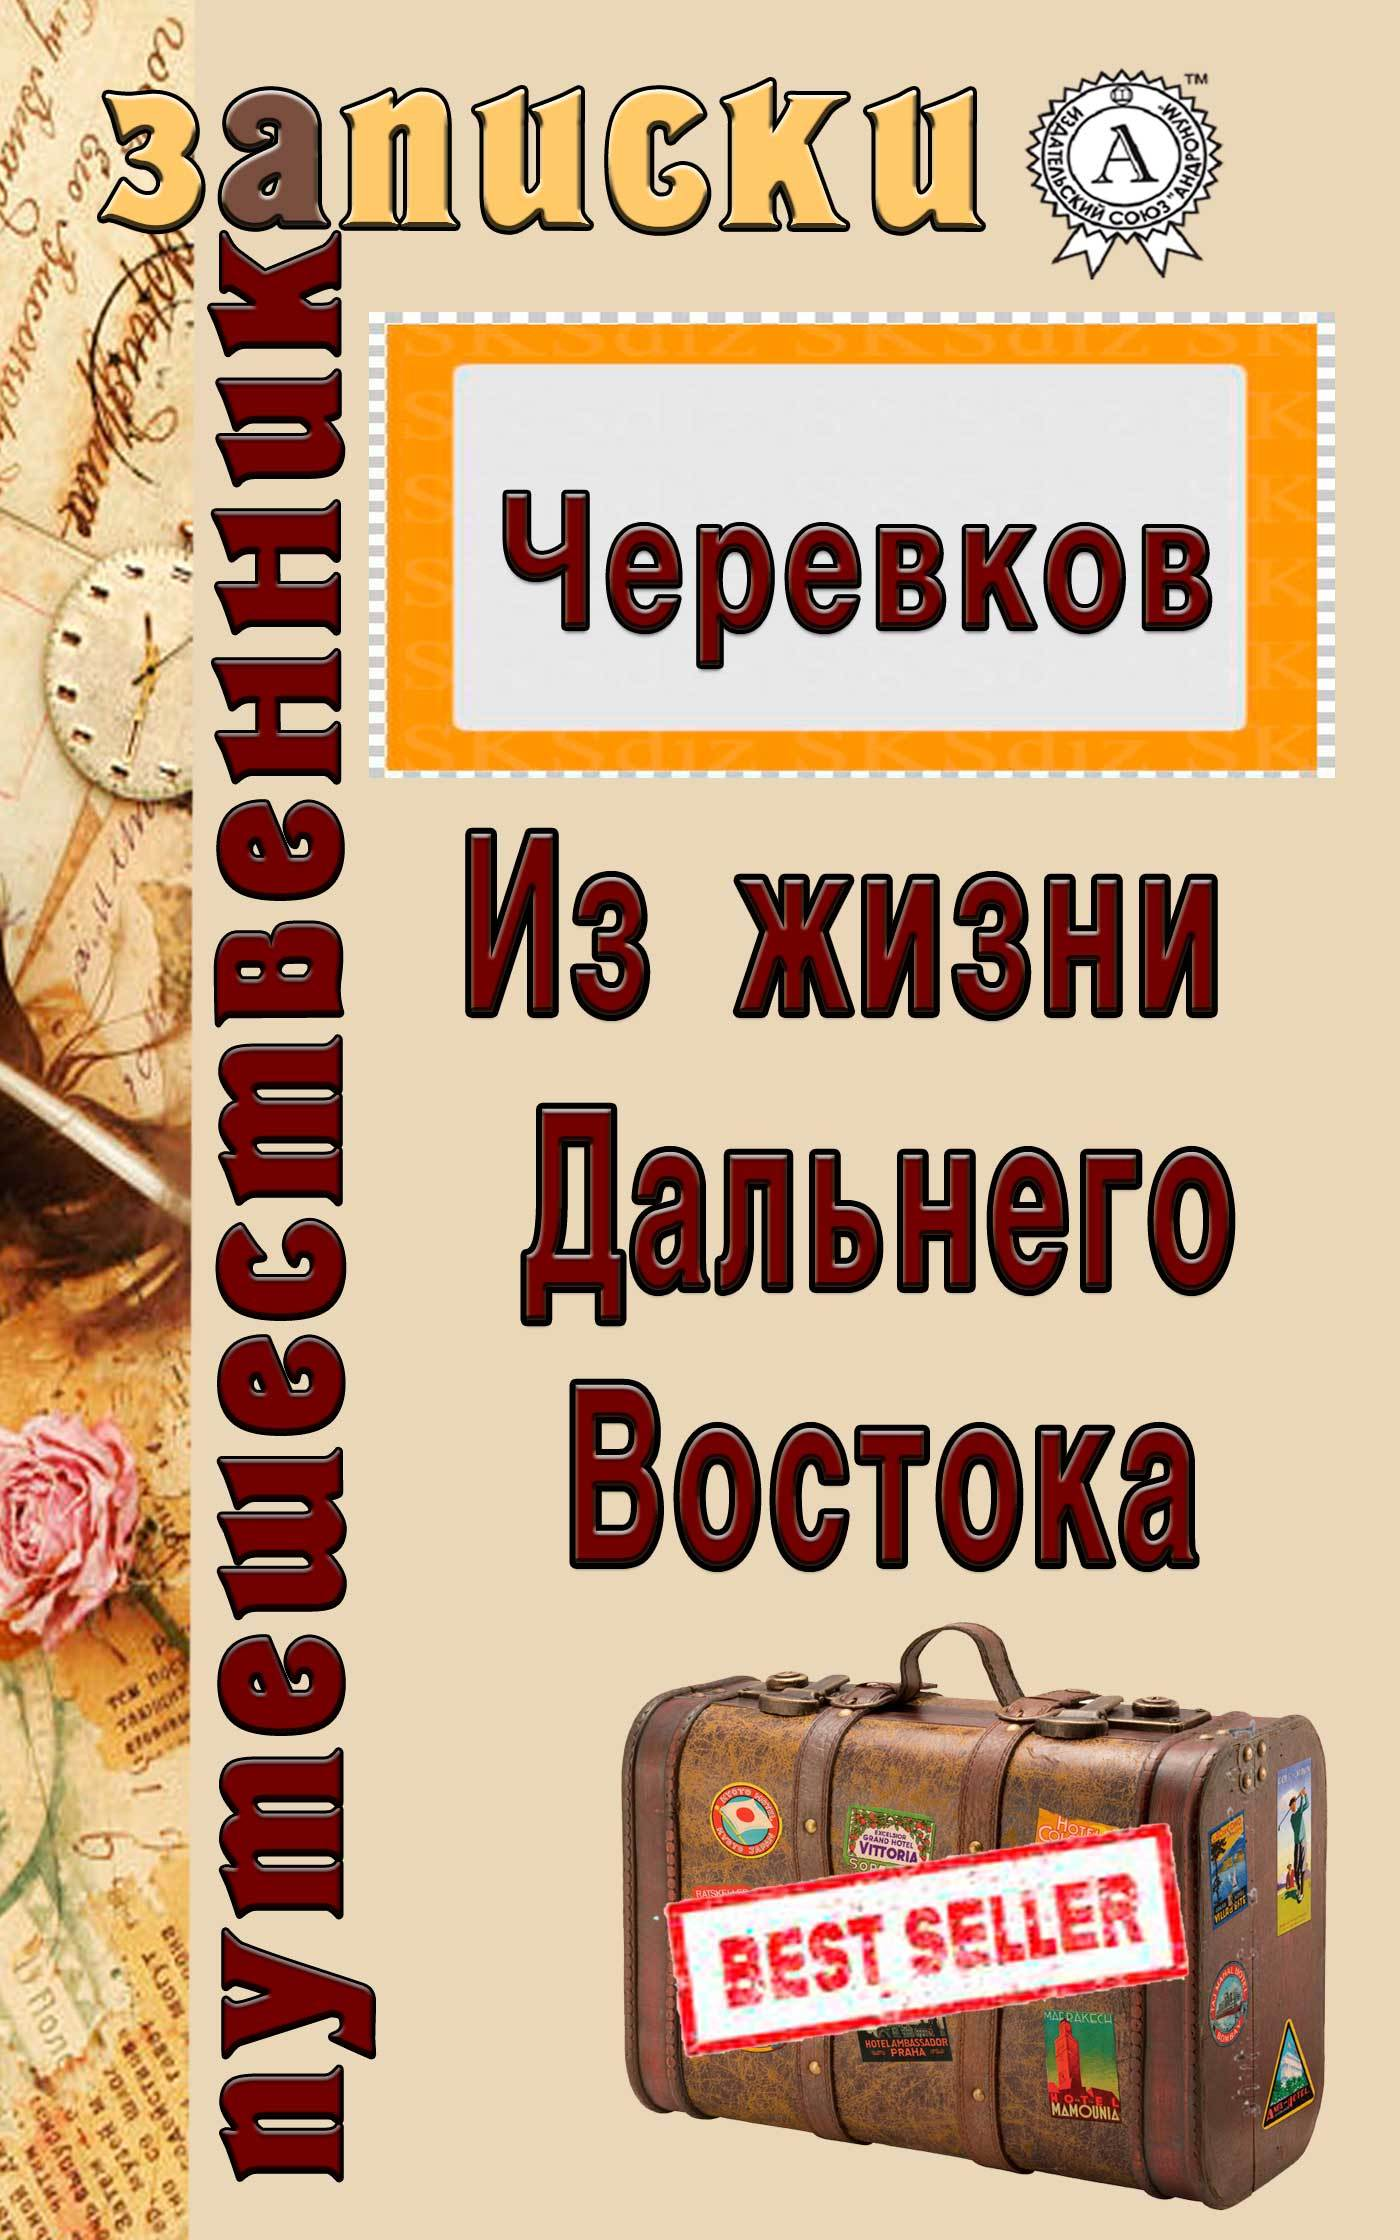 занимательное описание в книге В. Д. Черевков